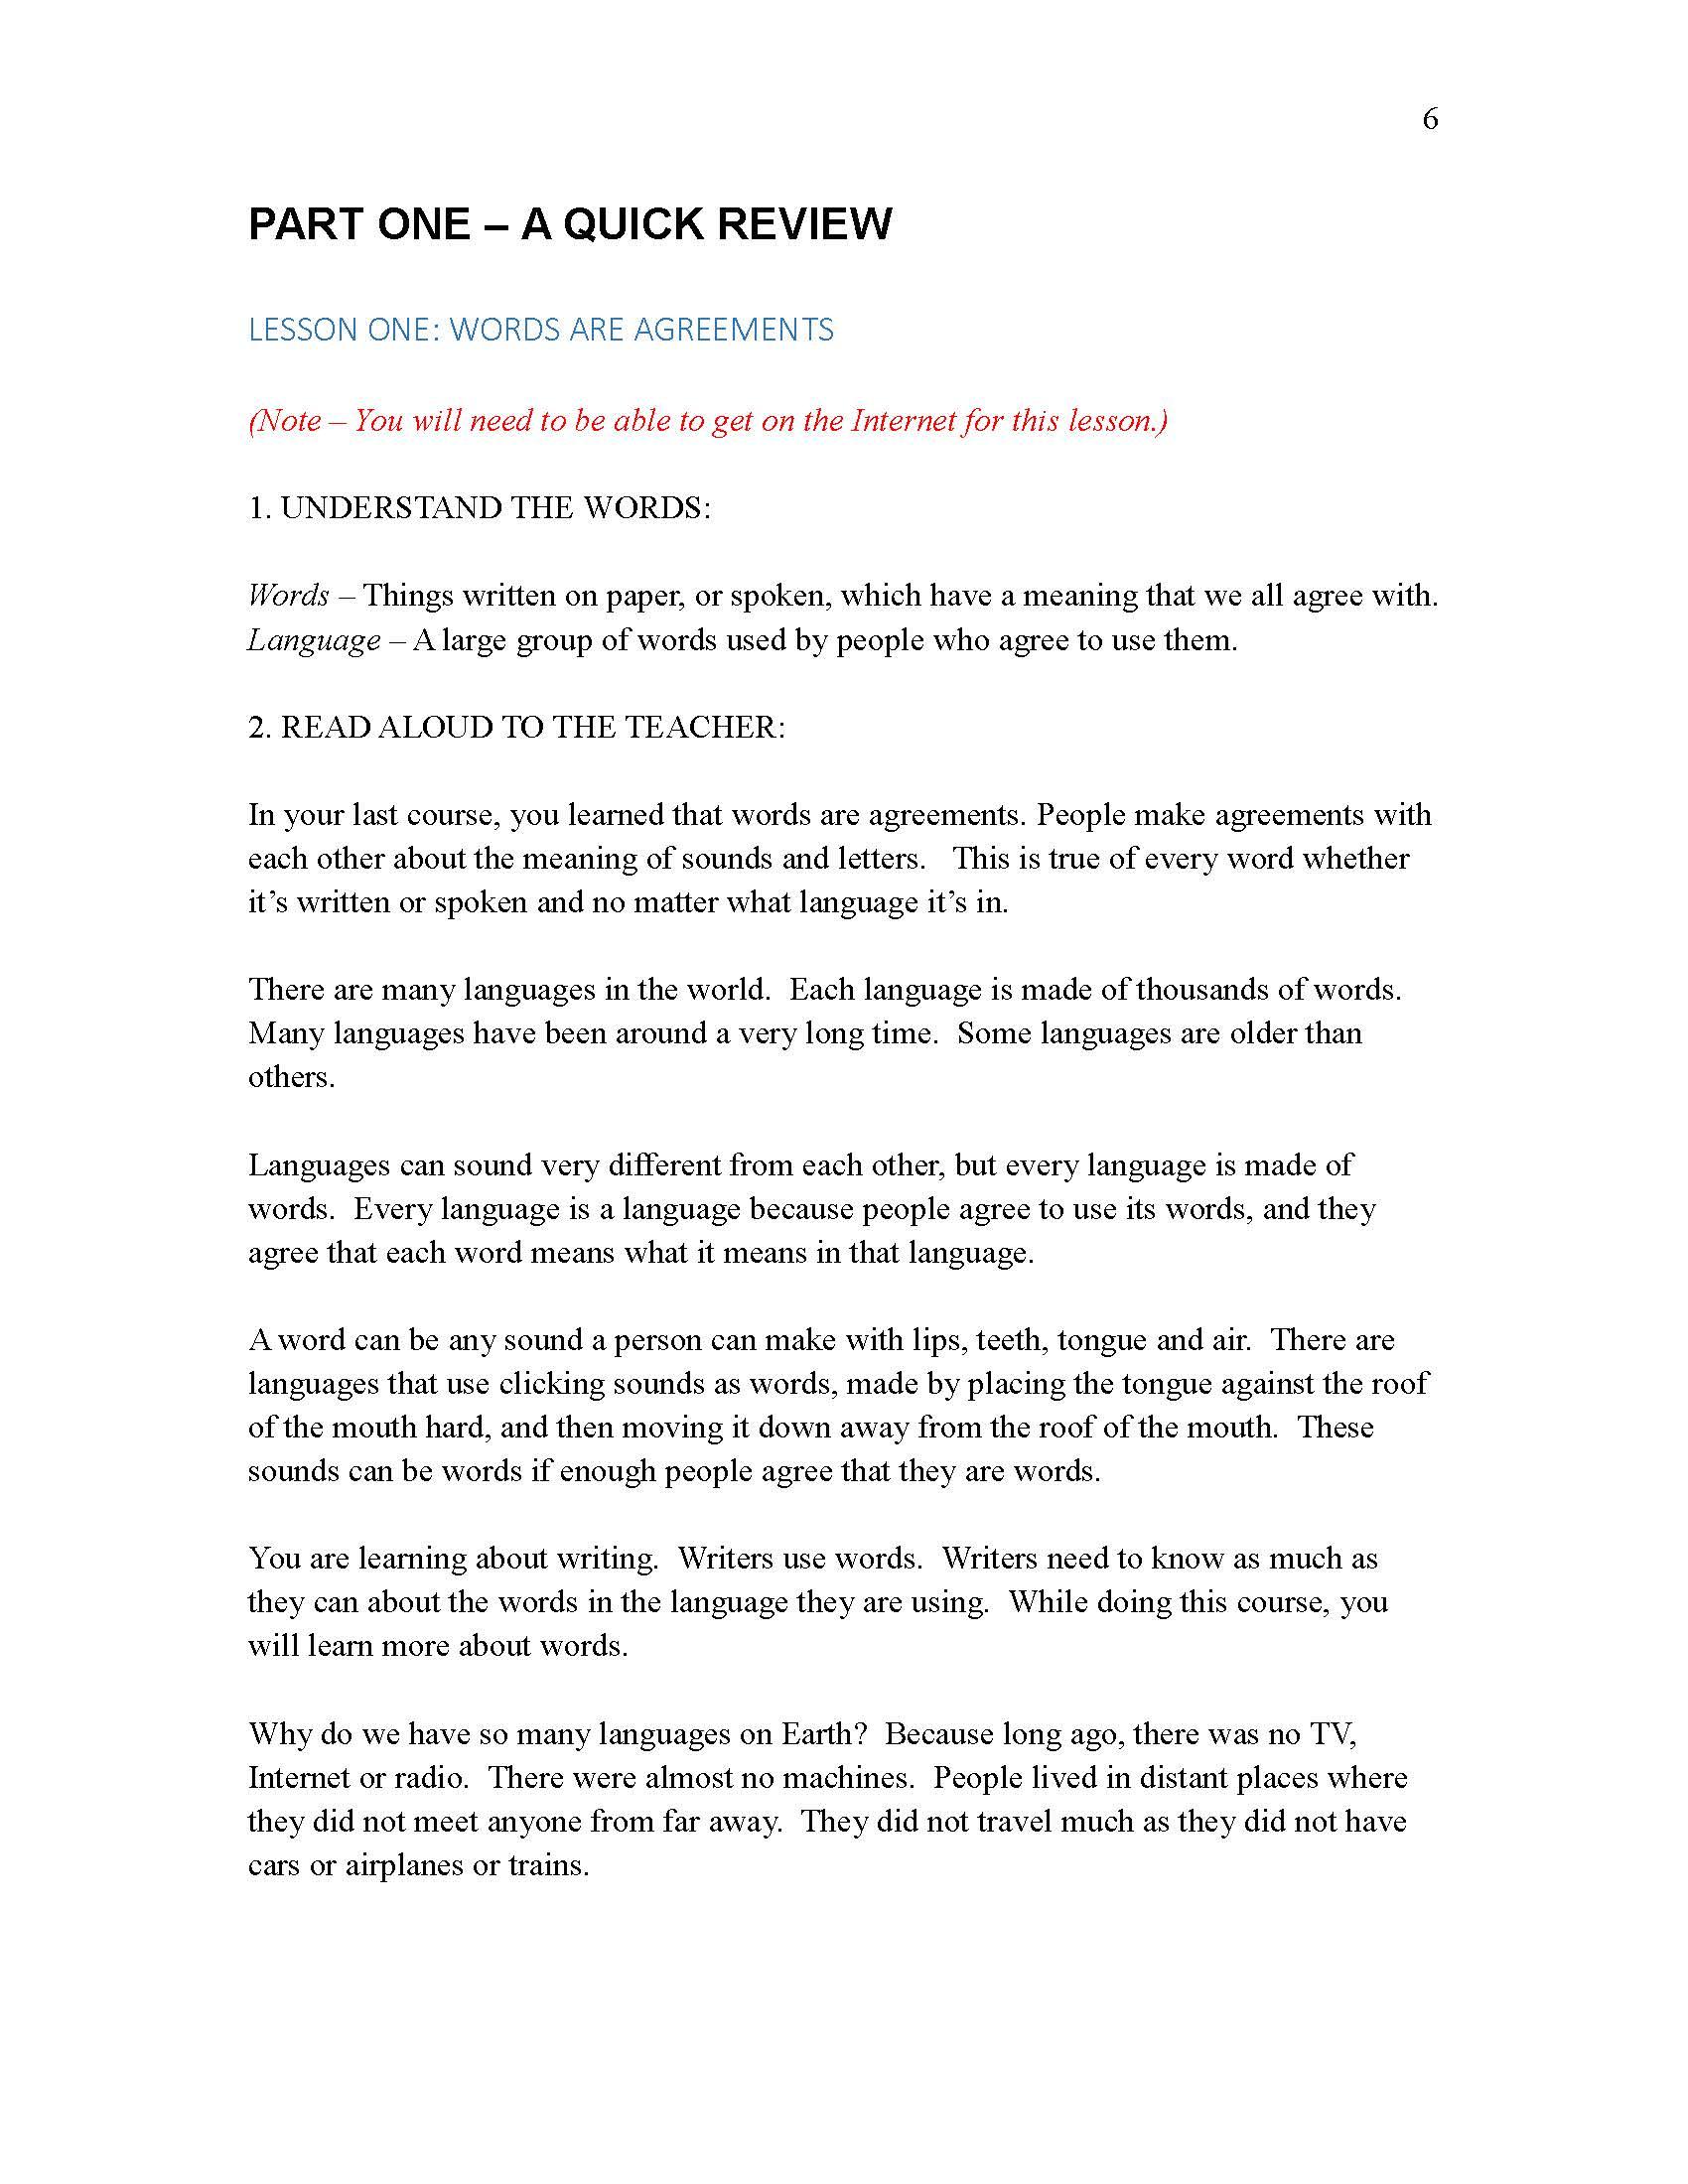 Step 2 Creative Writing 2_Page_07.jpg